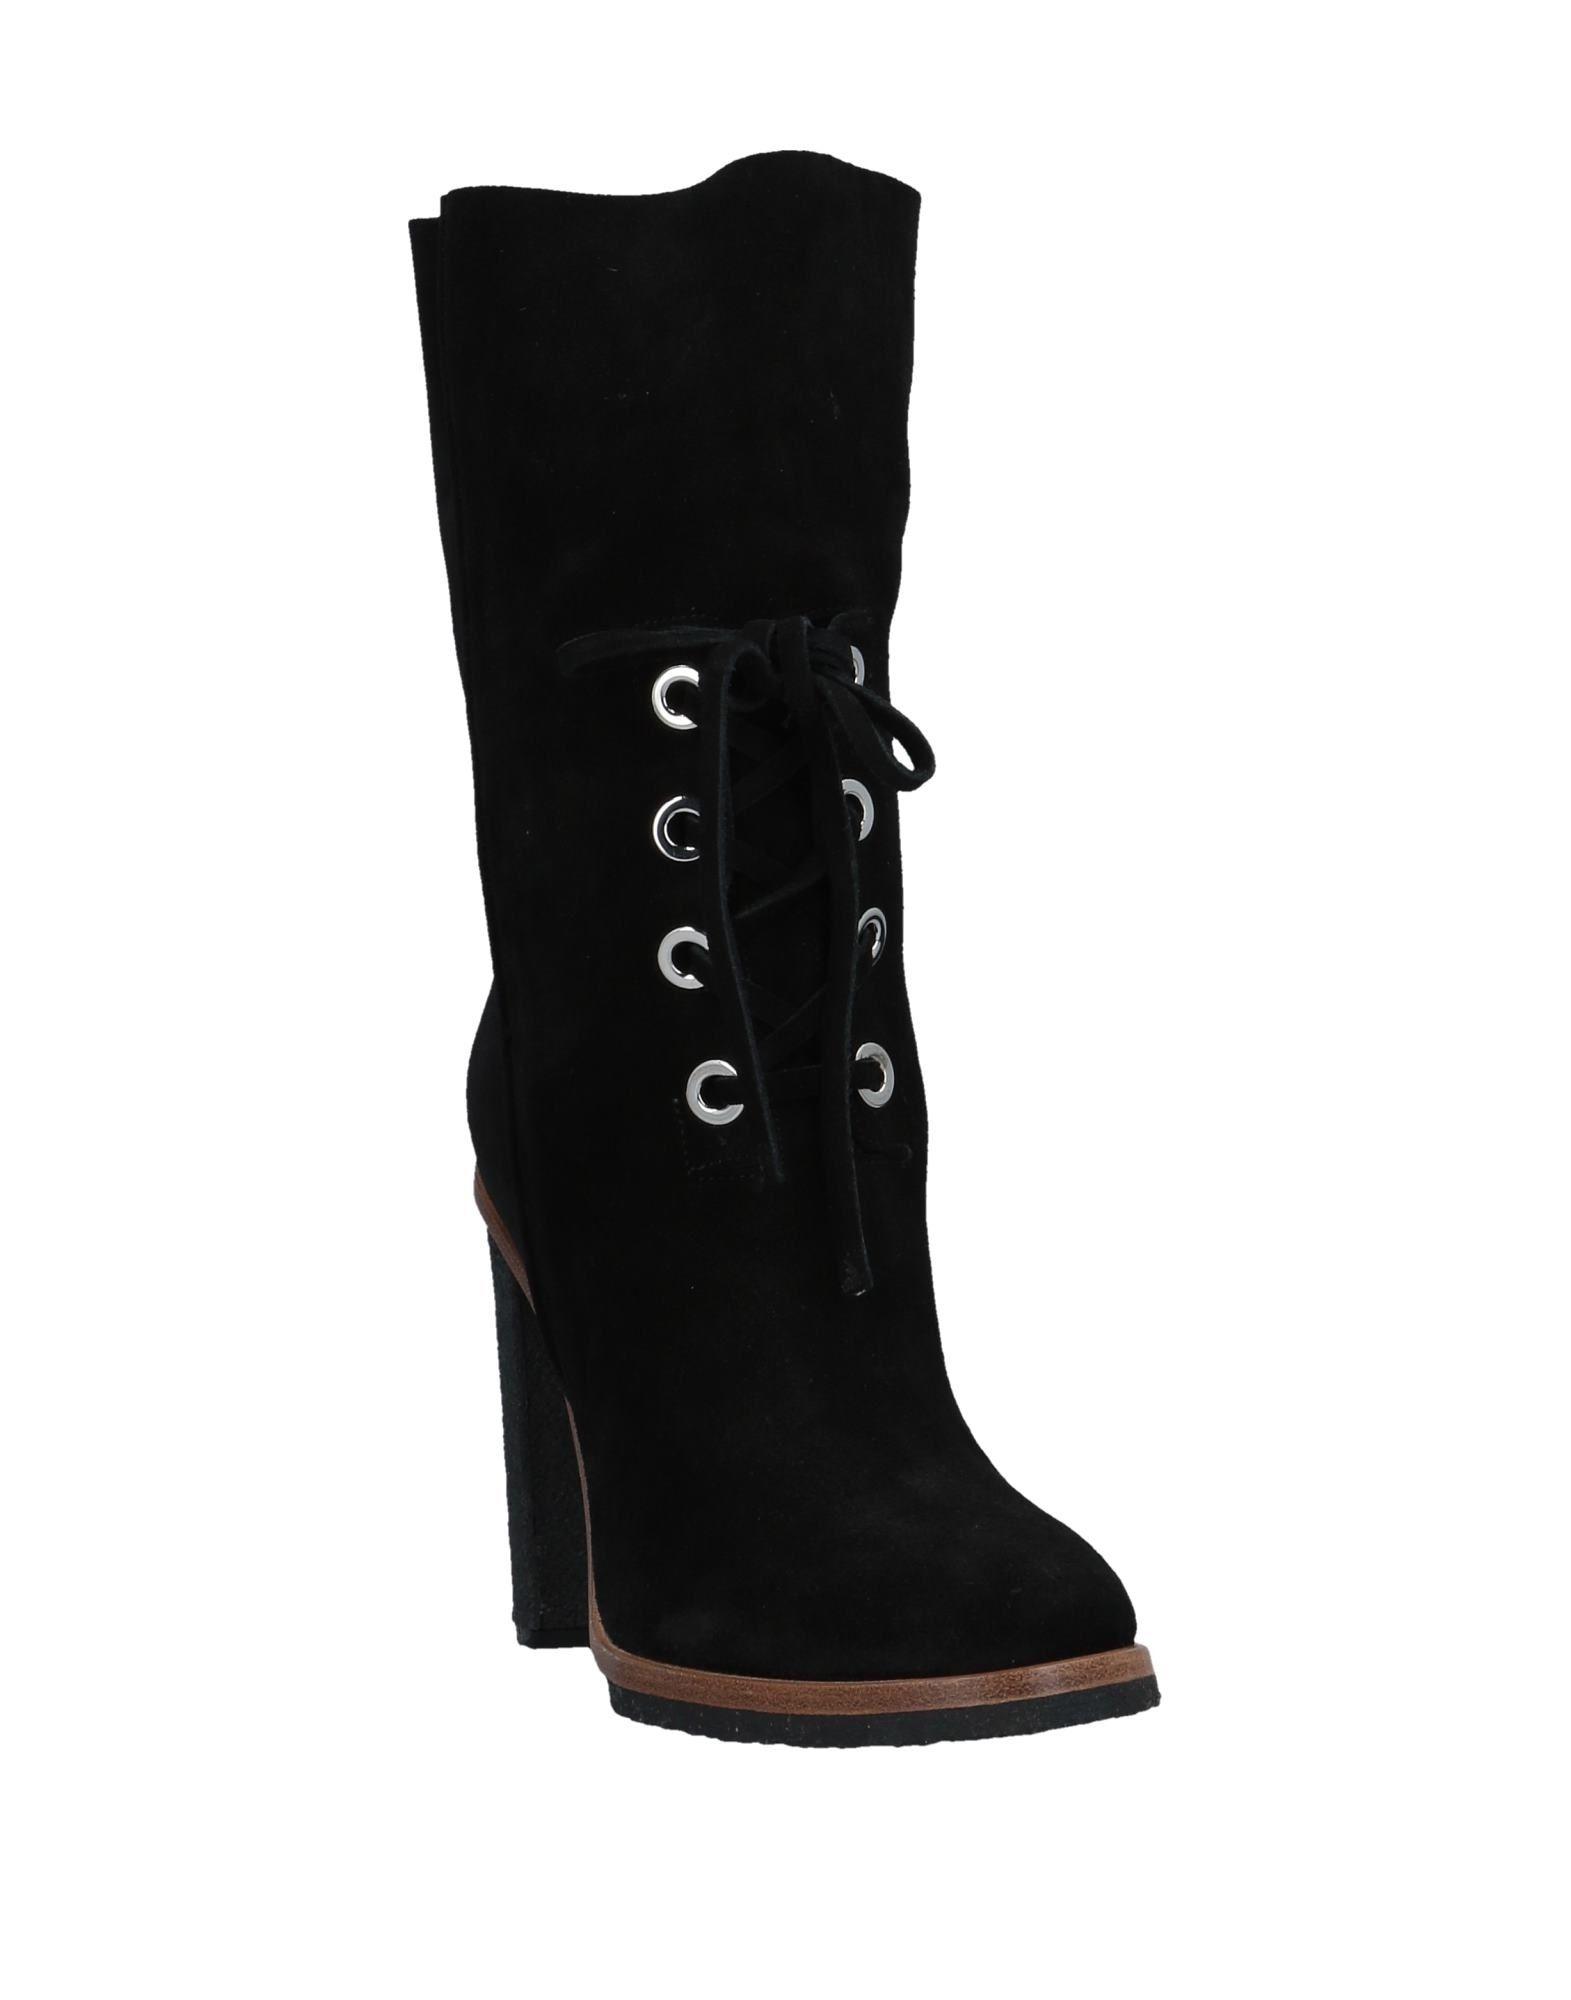 Proenza Schouler Stiefelette aussehende Damen  11530535DUGünstige gut aussehende Stiefelette Schuhe 9b7479